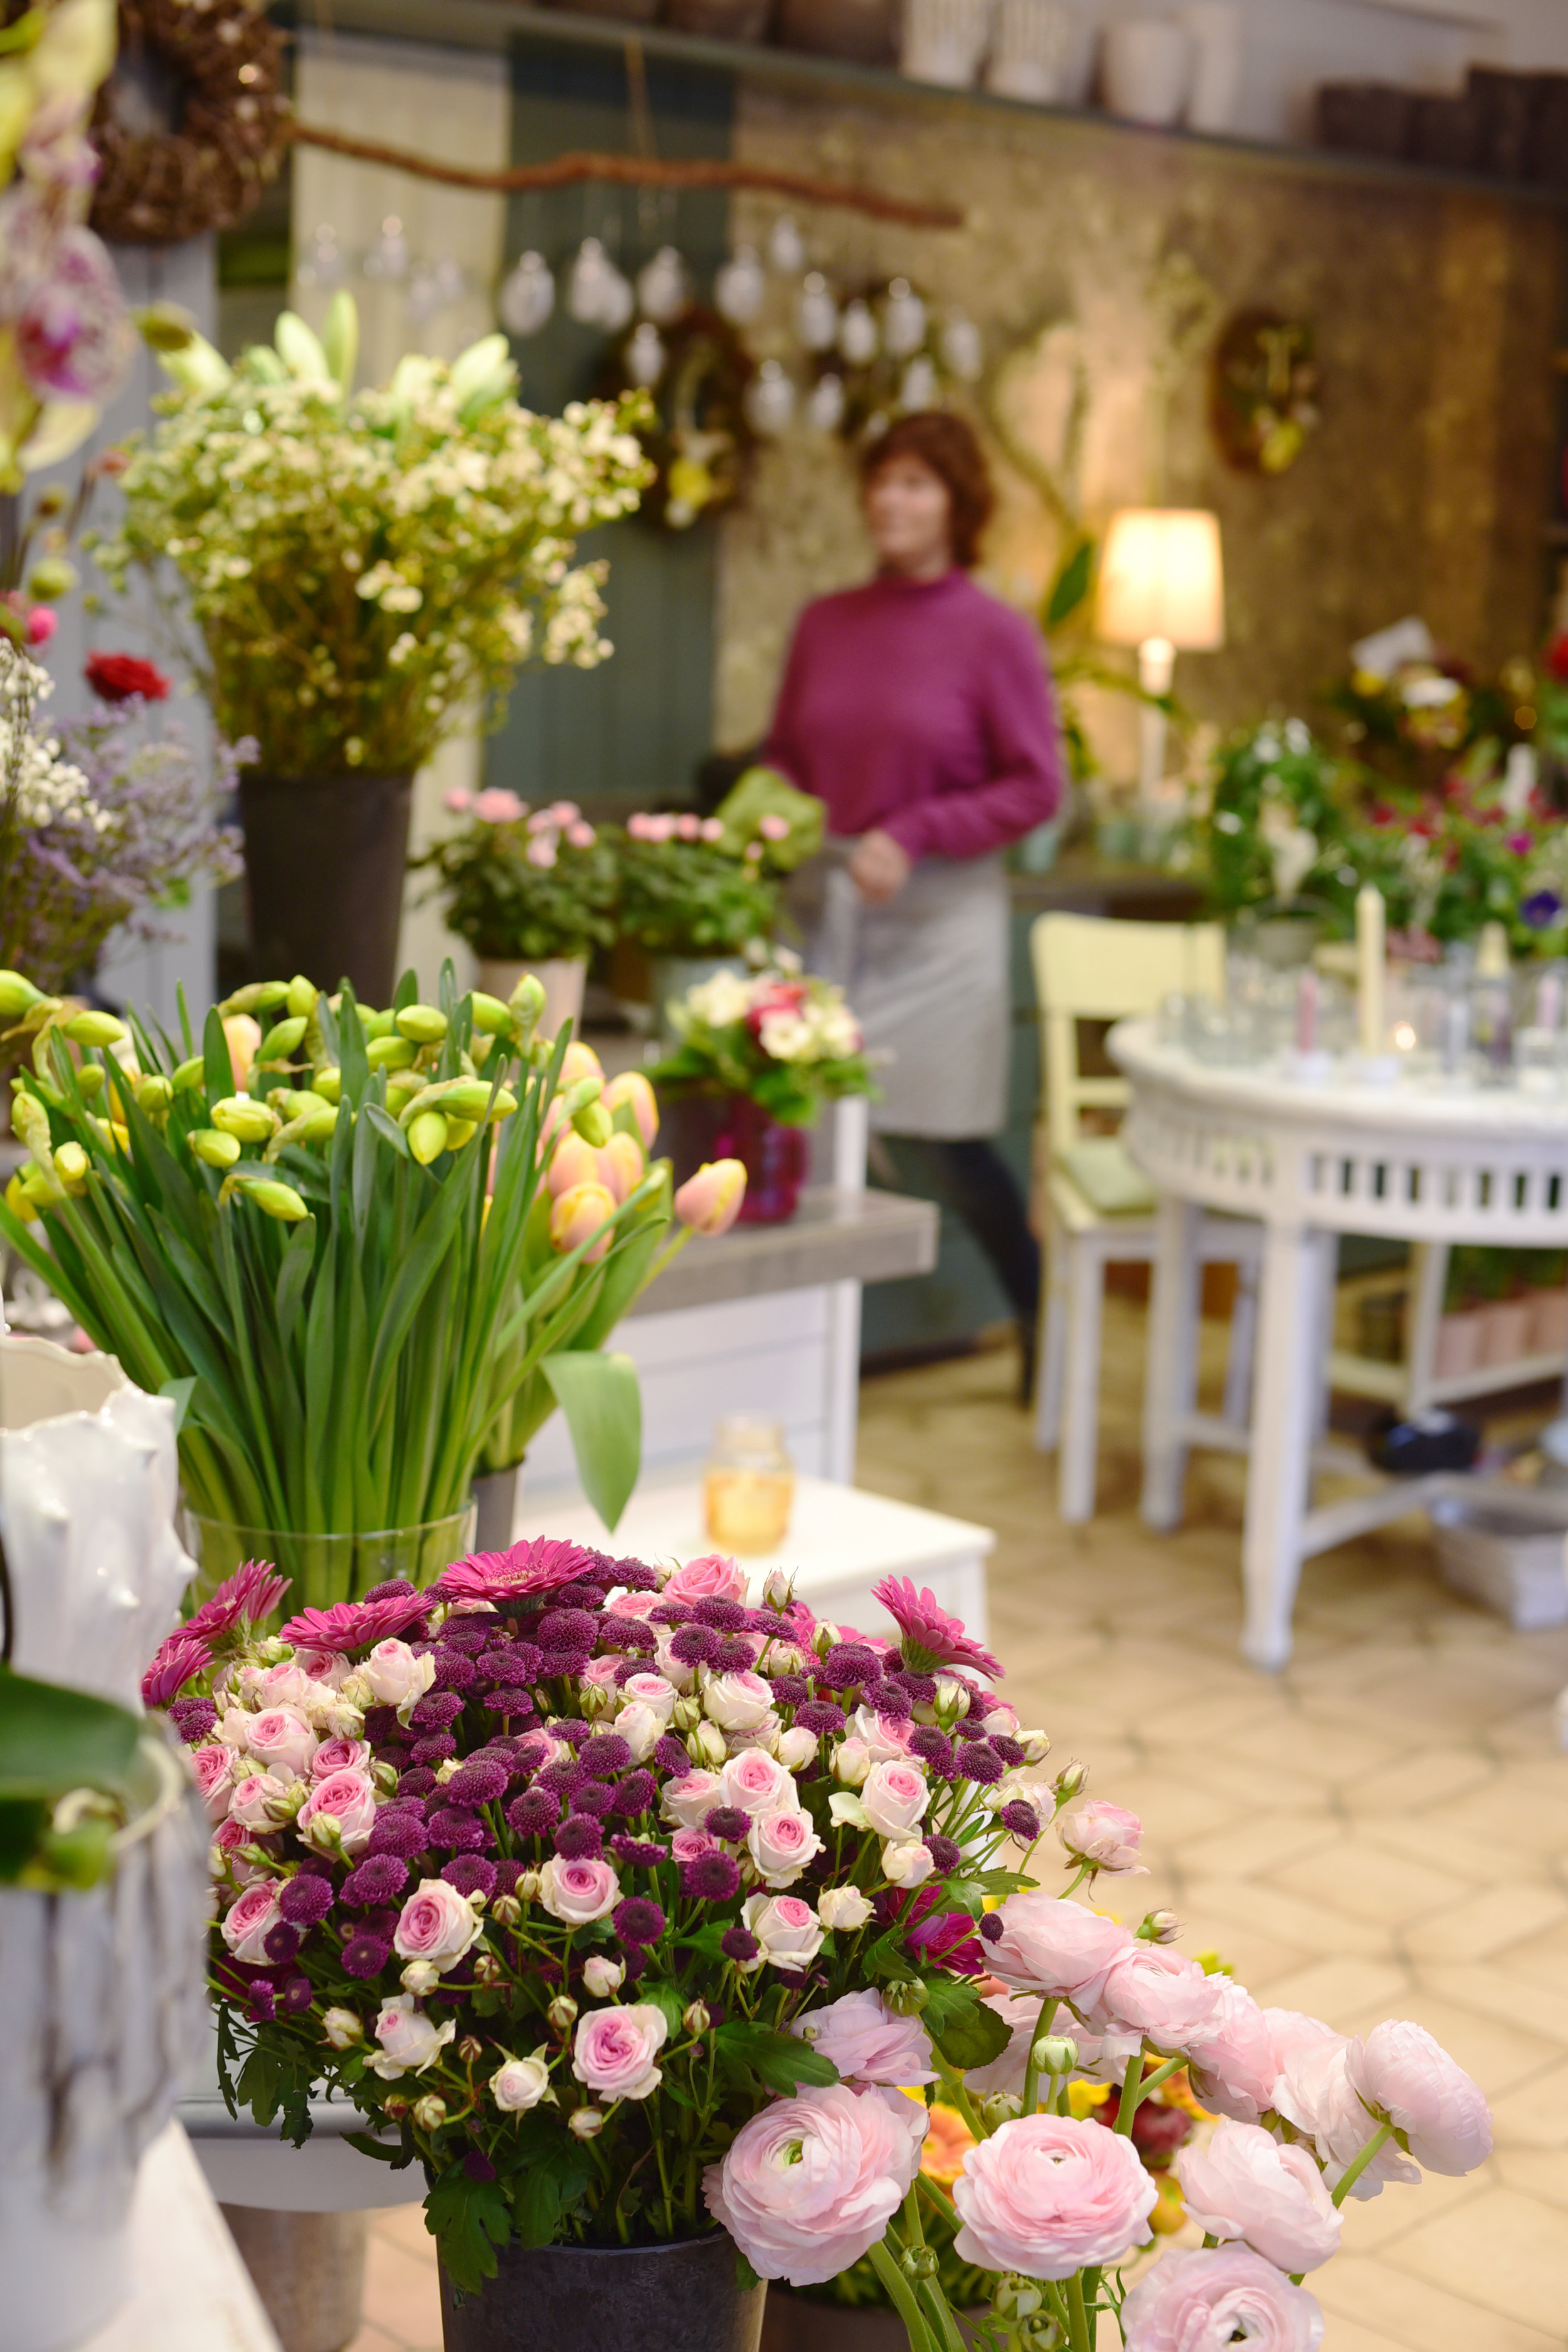 Michaela Furthmann hat ein außergewöhnliches Gespür für Farben und Formen und auch für die kleinsten Details. Und sie weiß nahezu bei allen Kunden, welche Blumen zu ihnen passen. Individuell und sehr schön ist zusdemdie Trauerfloristik.    Die Gestecke binden die Floristin und ihre Mitarbeiterin so, dass sie bis zu einer Woche frisch bleiben. Gespickt mit winzigen Kleinigkeiten schauen sie trotzdem nie überladen aus.